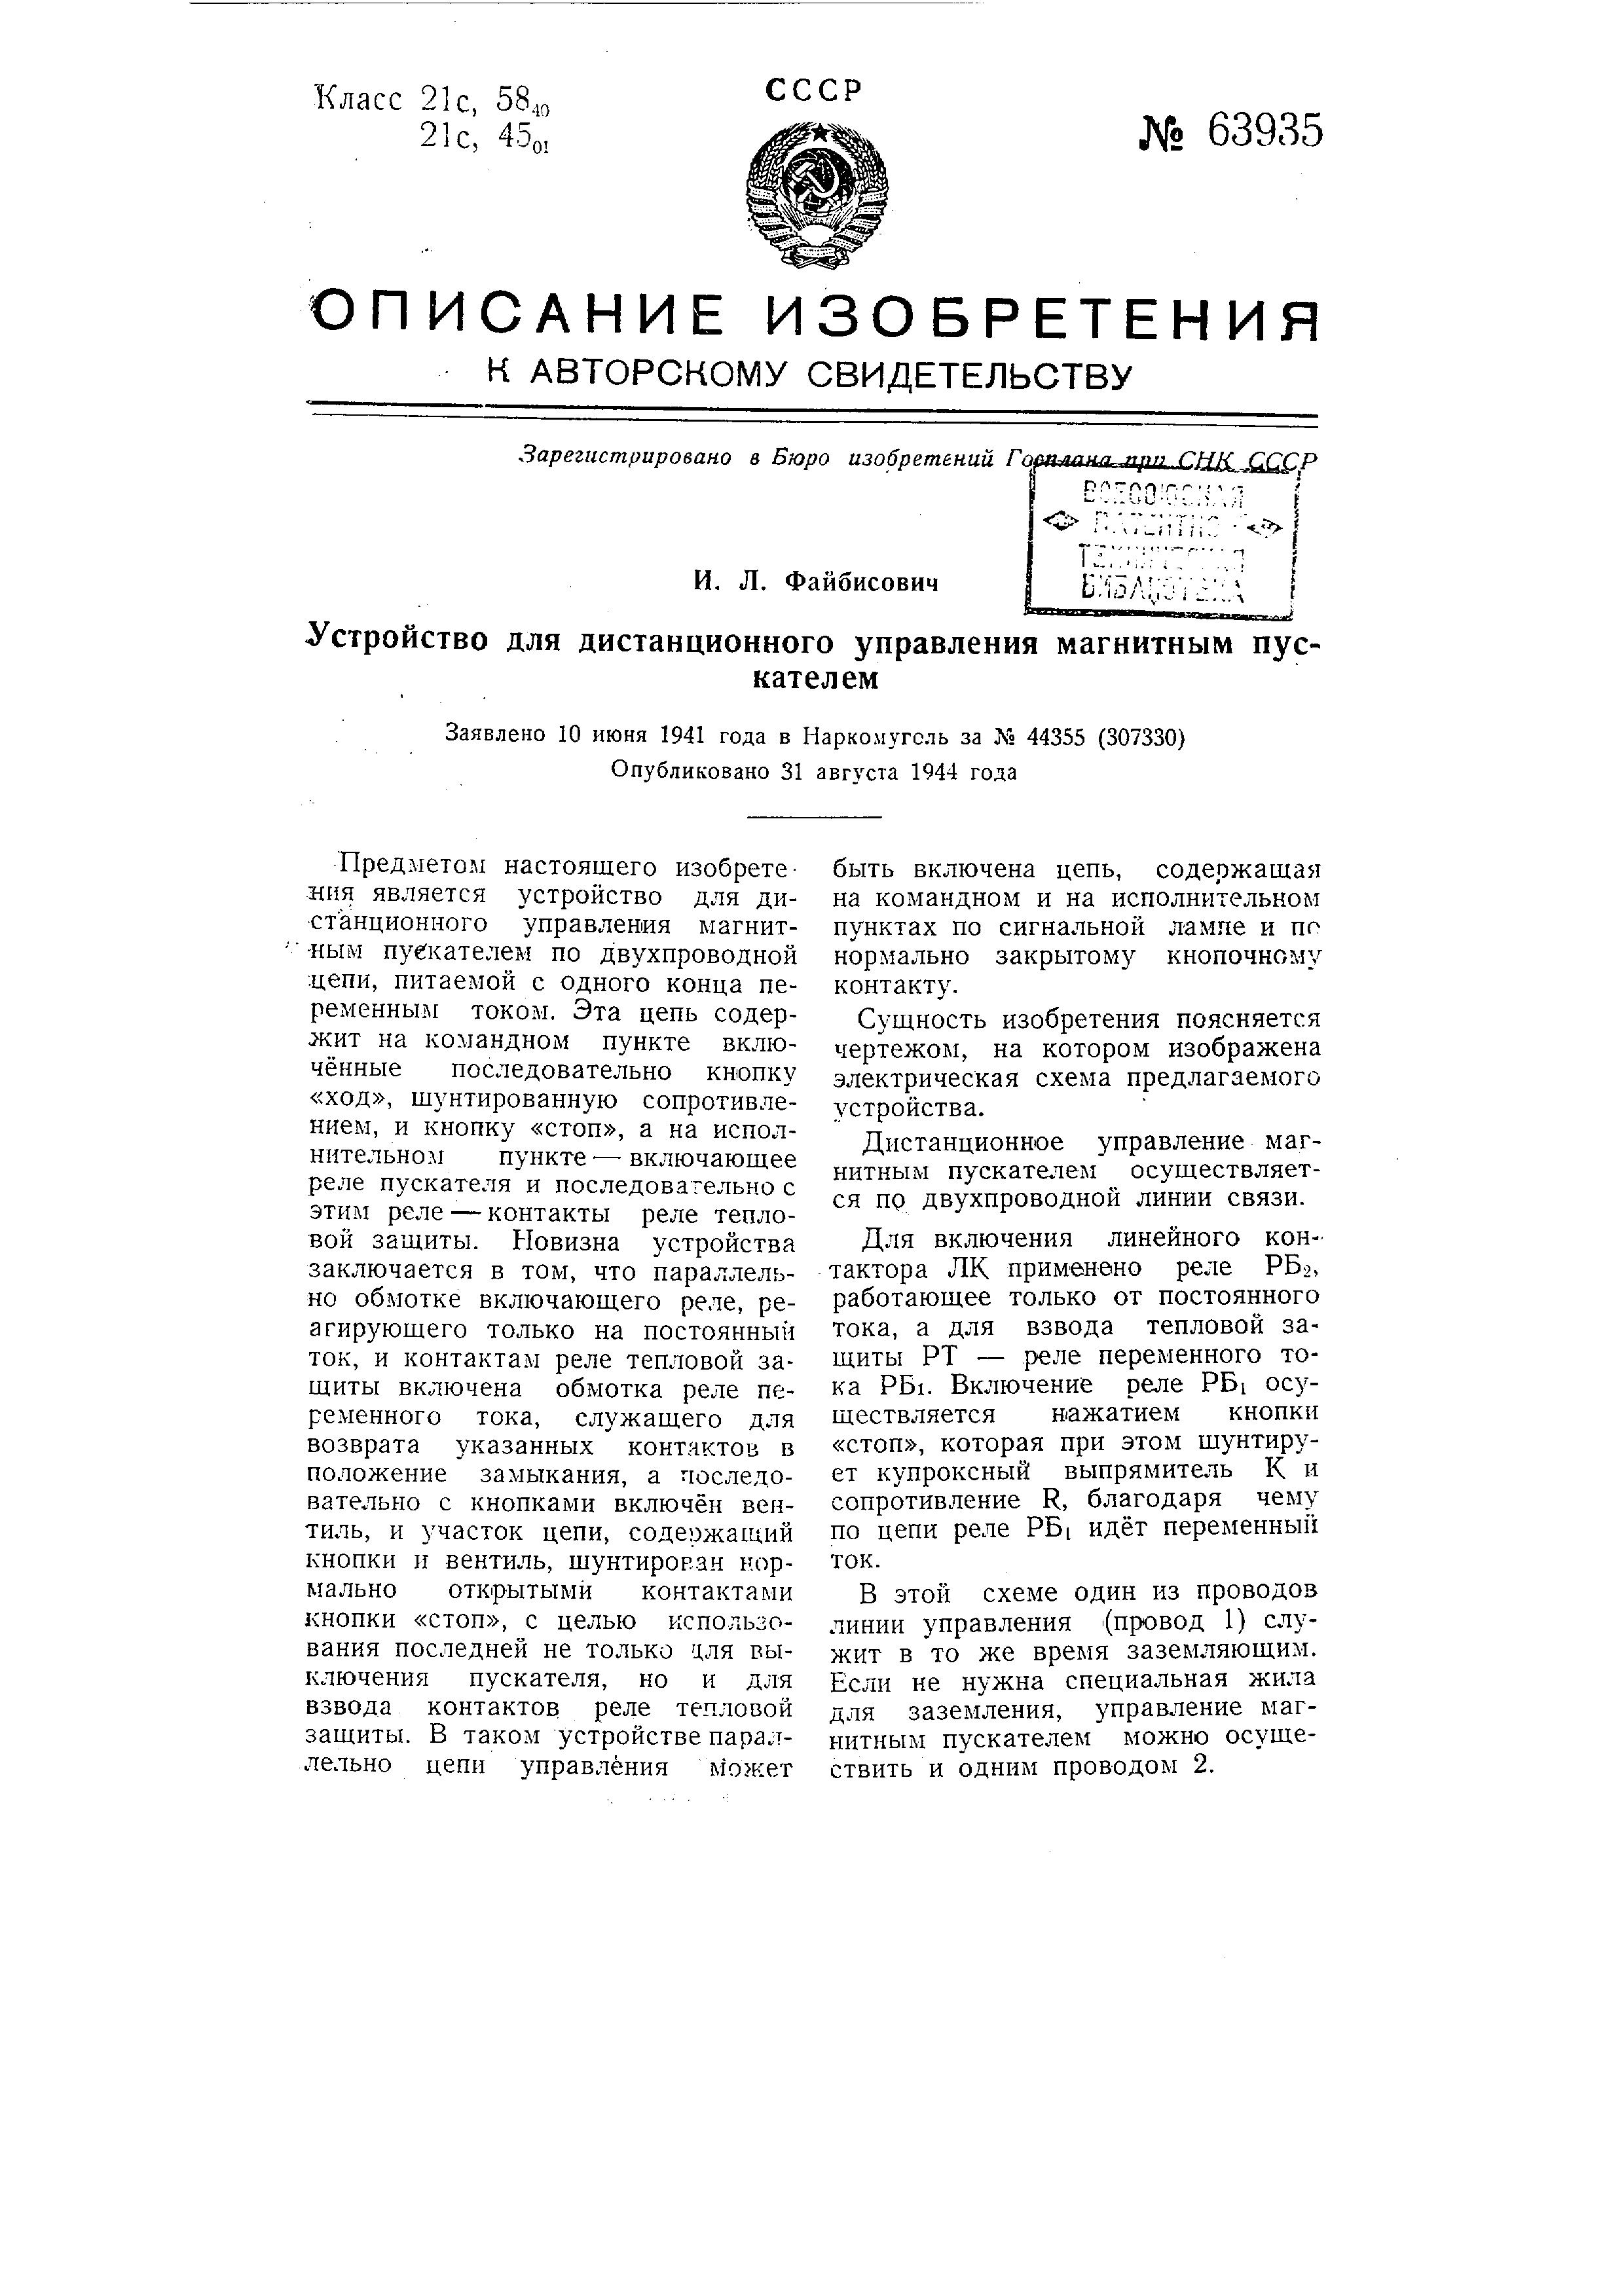 схема двухпроводного дистанционного управления